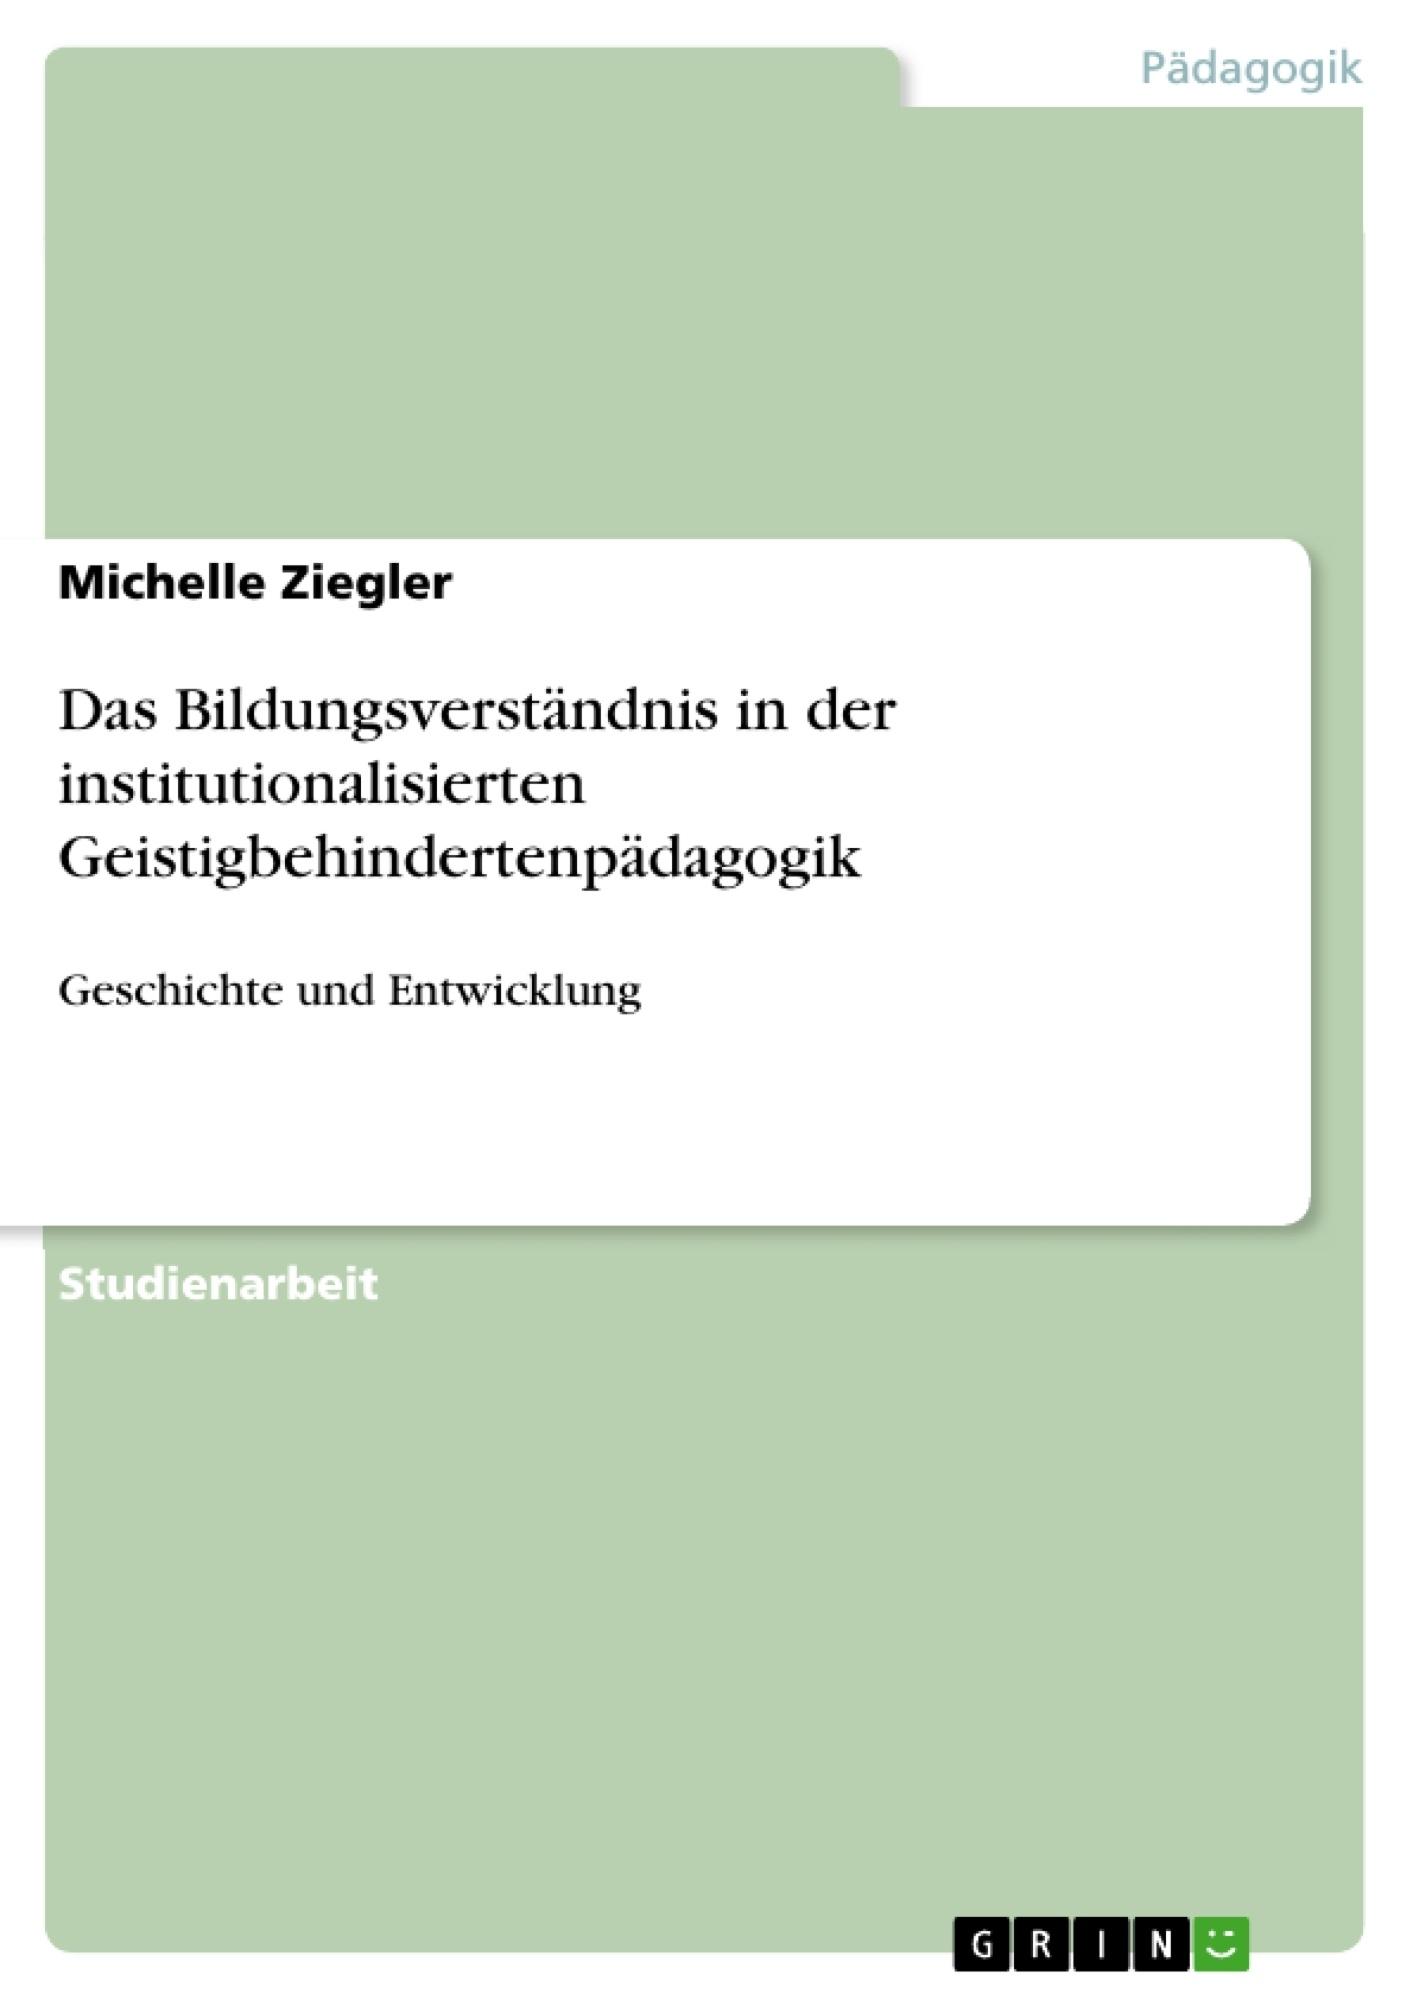 Titel: Das Bildungsverständnis in der institutionalisierten Geistigbehindertenpädagogik